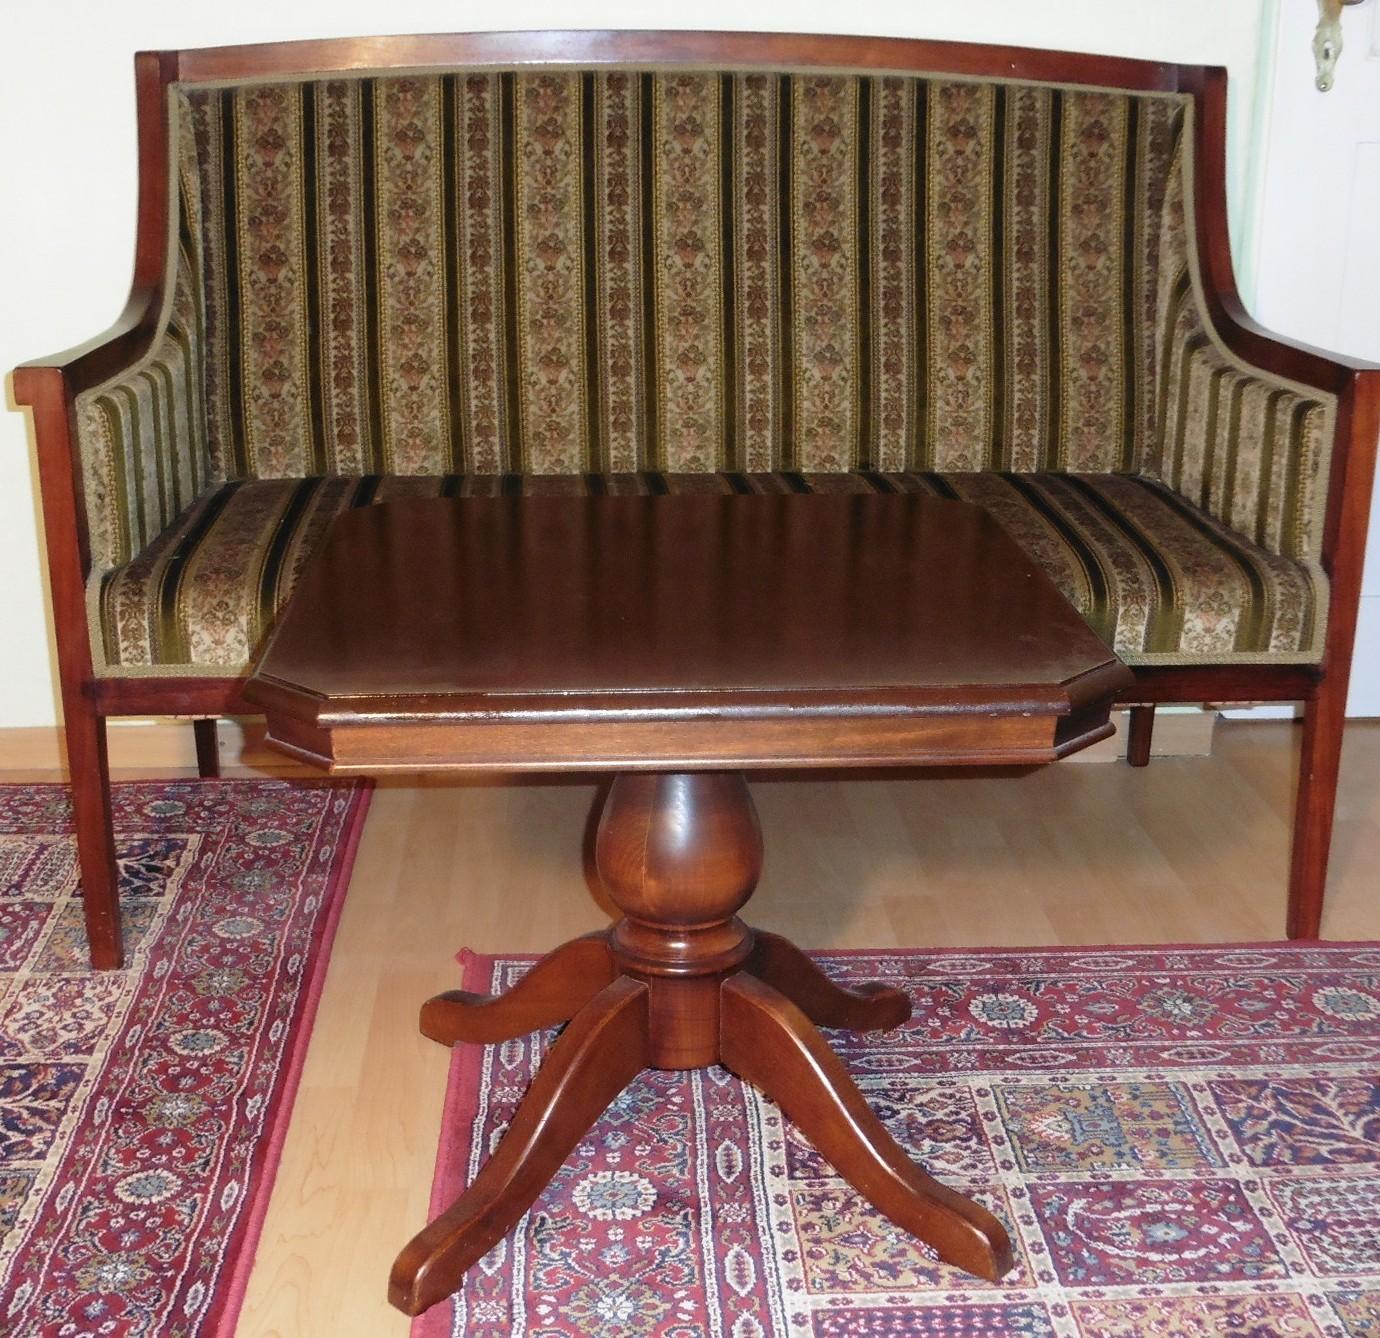 alter couchtisch antik stil massiv holz mahagoni farbe quadratisch beistelltisch ebay. Black Bedroom Furniture Sets. Home Design Ideas